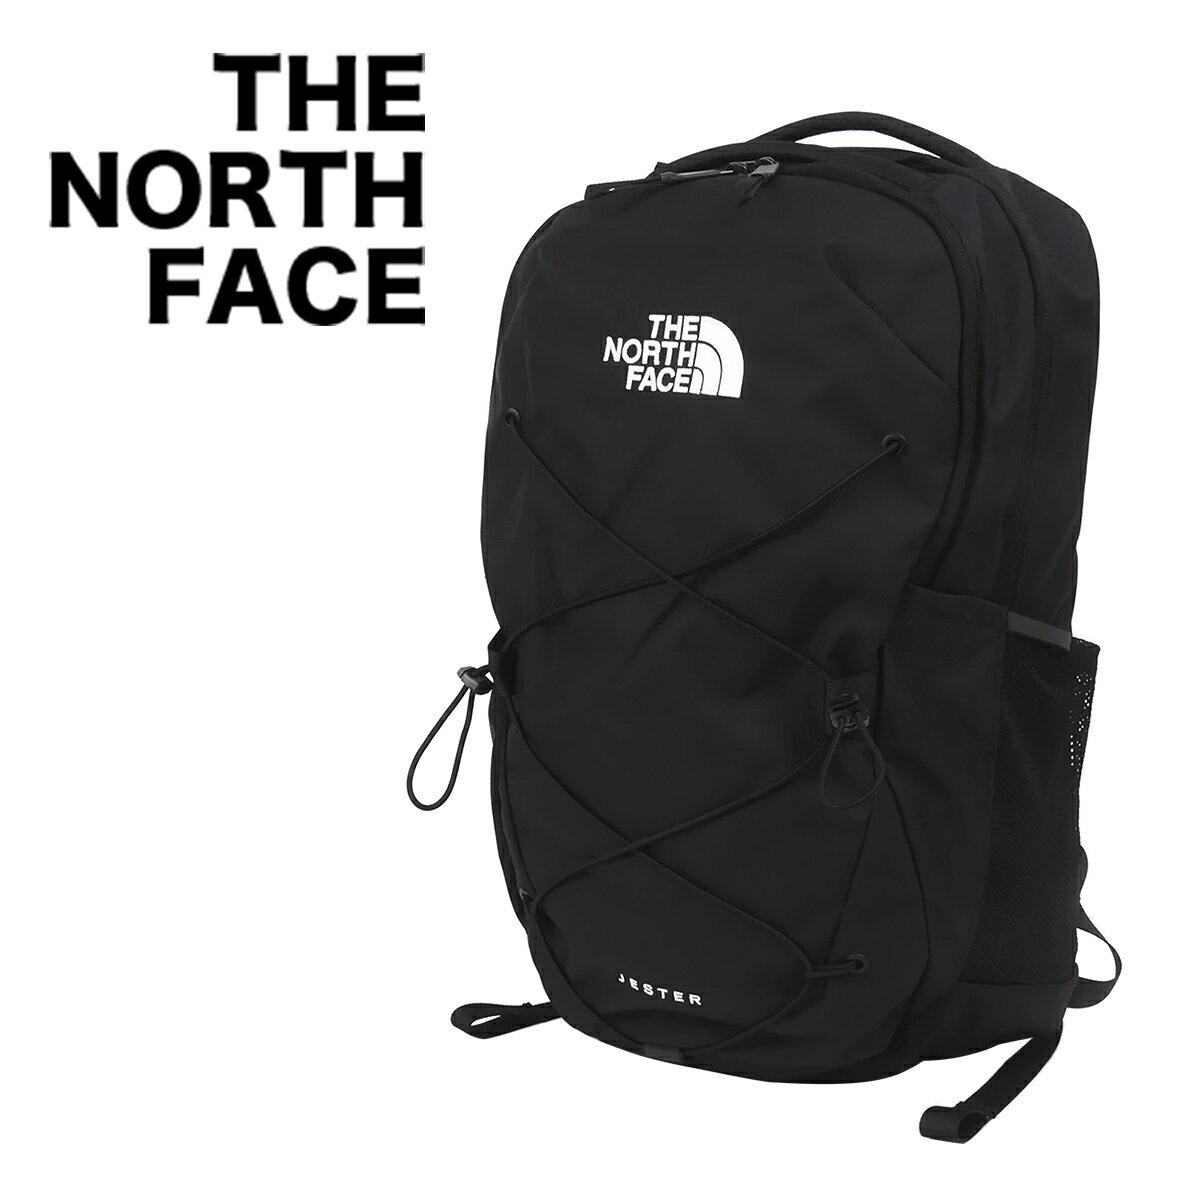 ノースフェイス リュック THE NORTH FACE バックパック JESTER(ジェス…...:daily-3:10172784